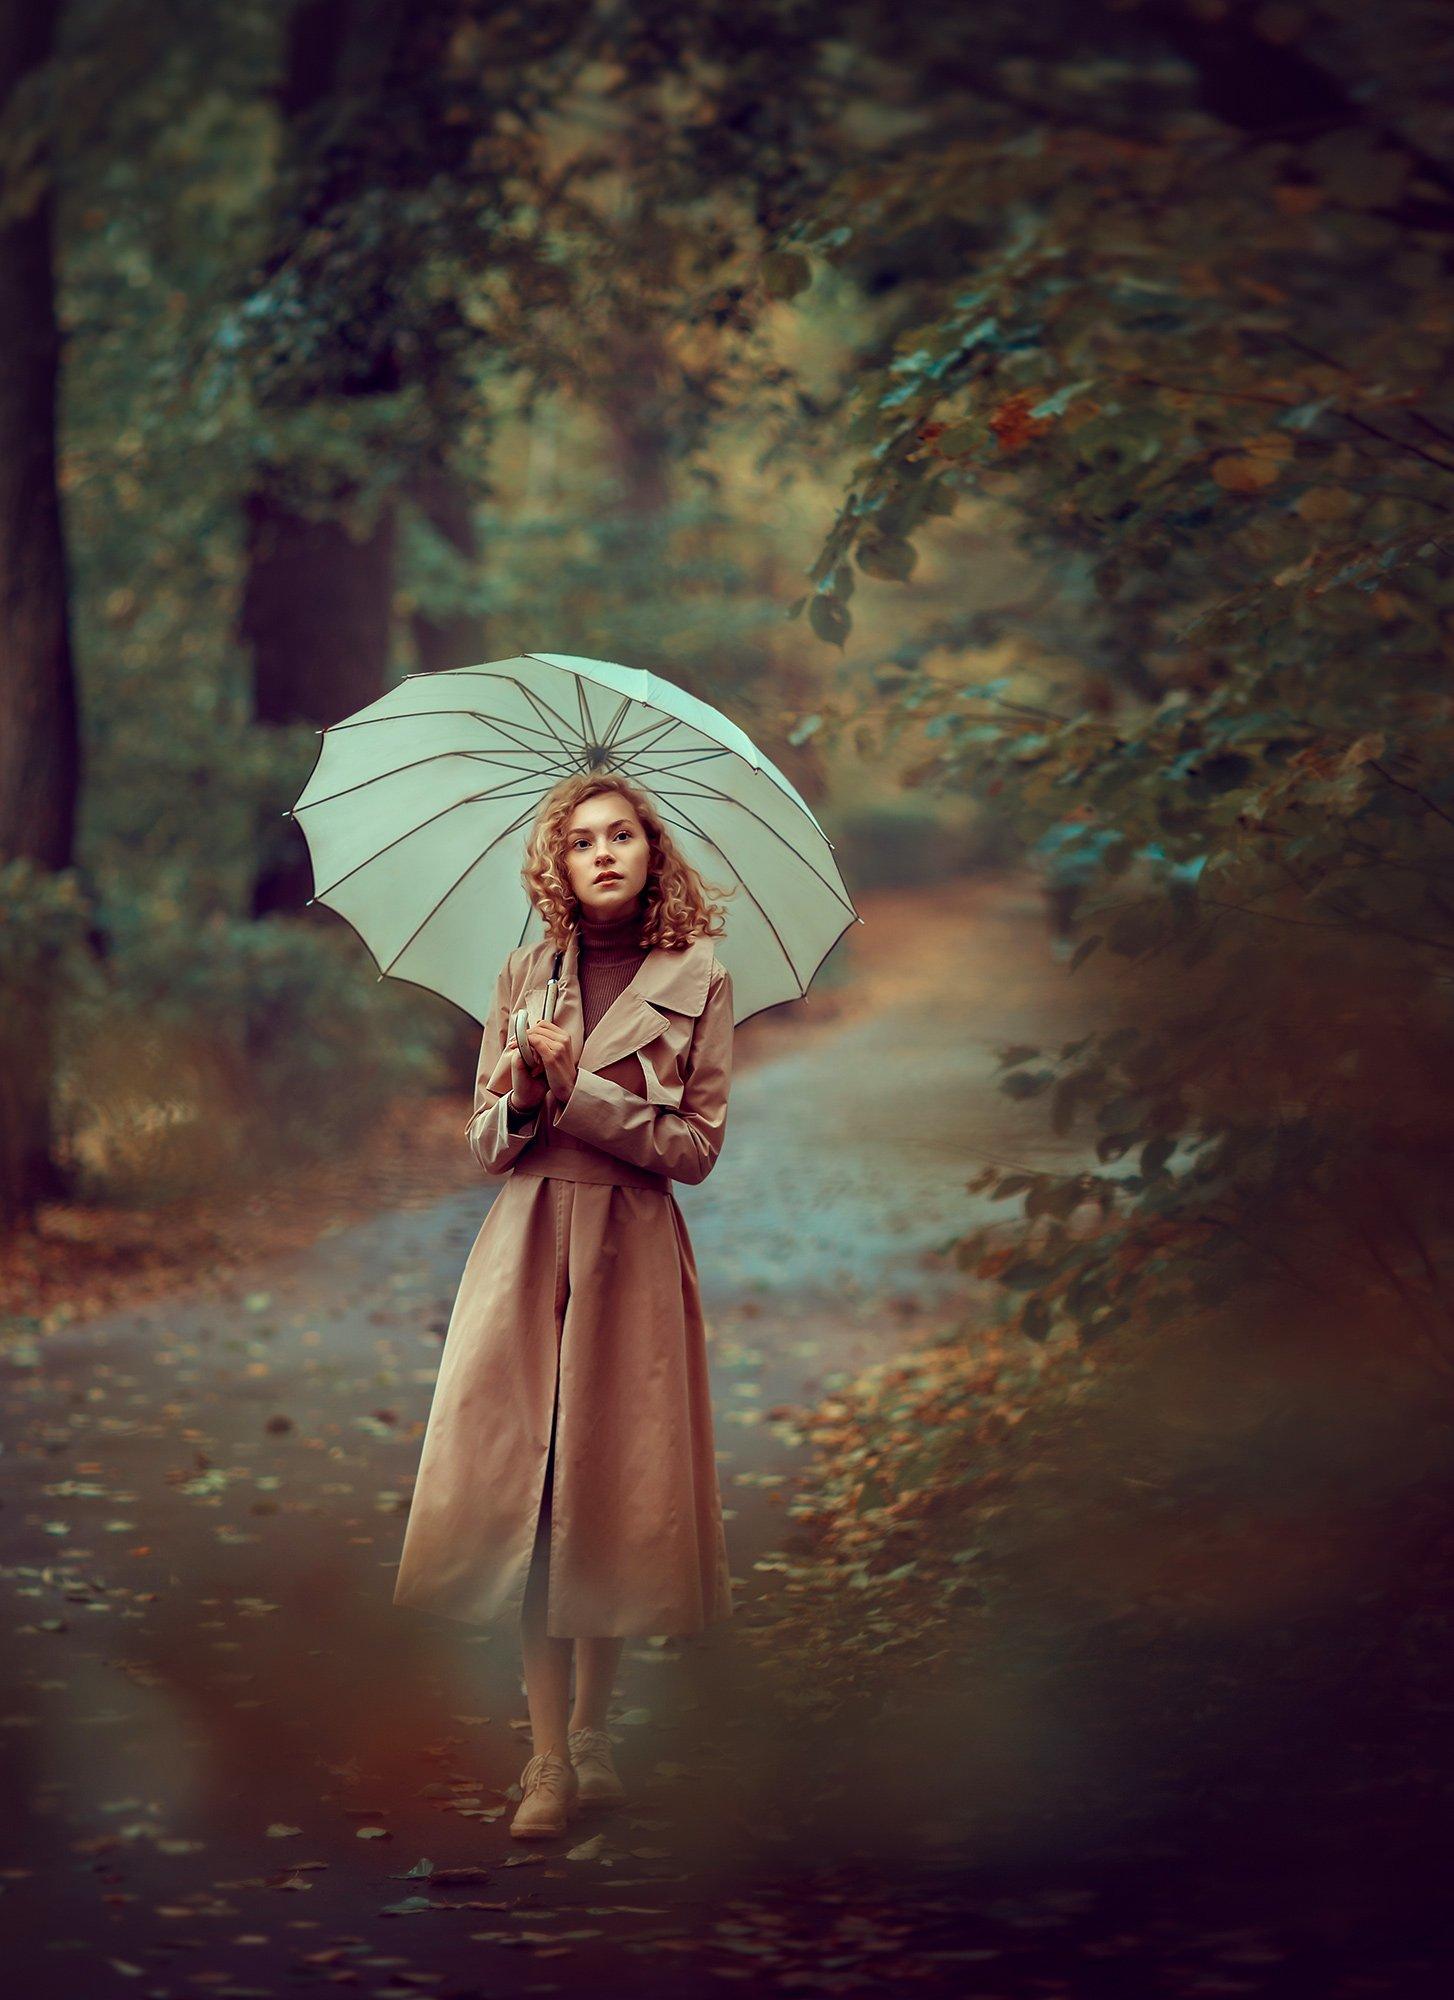 девушка, осенняя фотосессия, фотограф, фотограф москва, фотосессия на природе, Катрин Белоцерковская